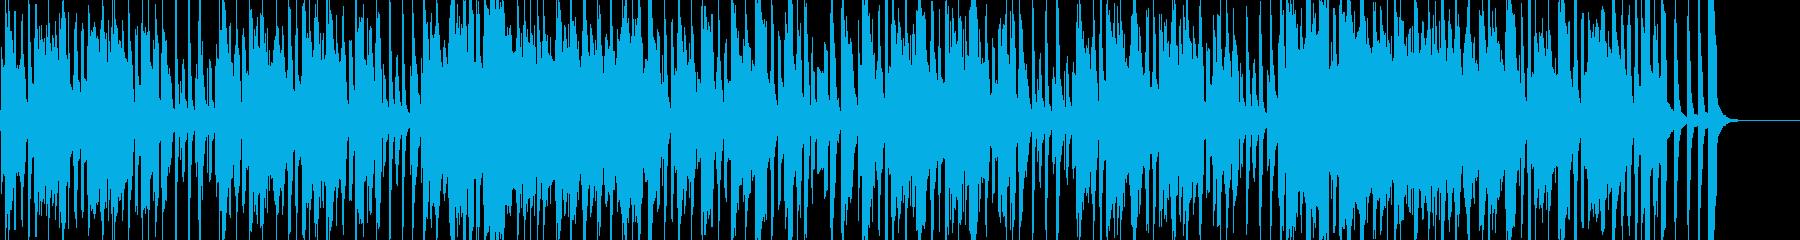 子供・ペット向けのほのぼのコミカルポップの再生済みの波形